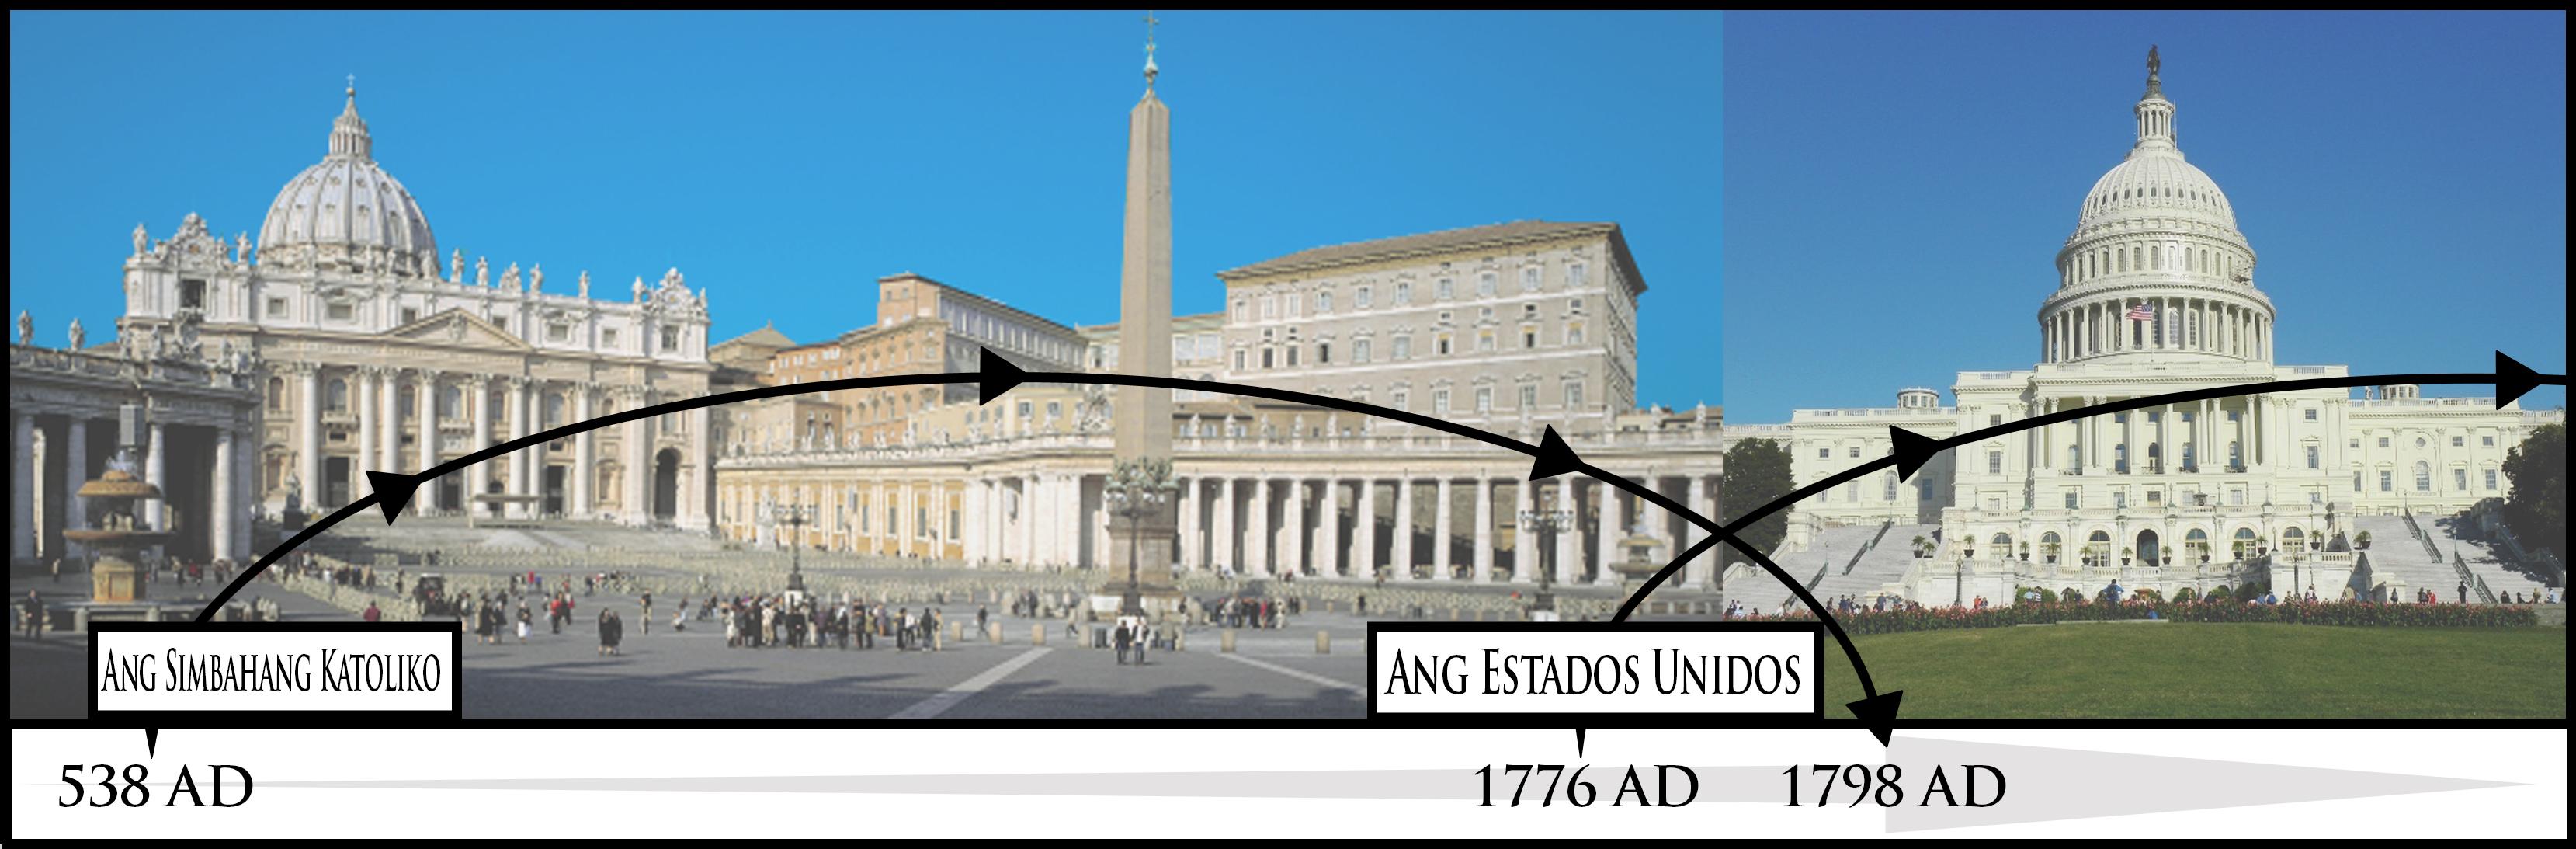 talaan ng panahon ng Roma at Estados Unidos